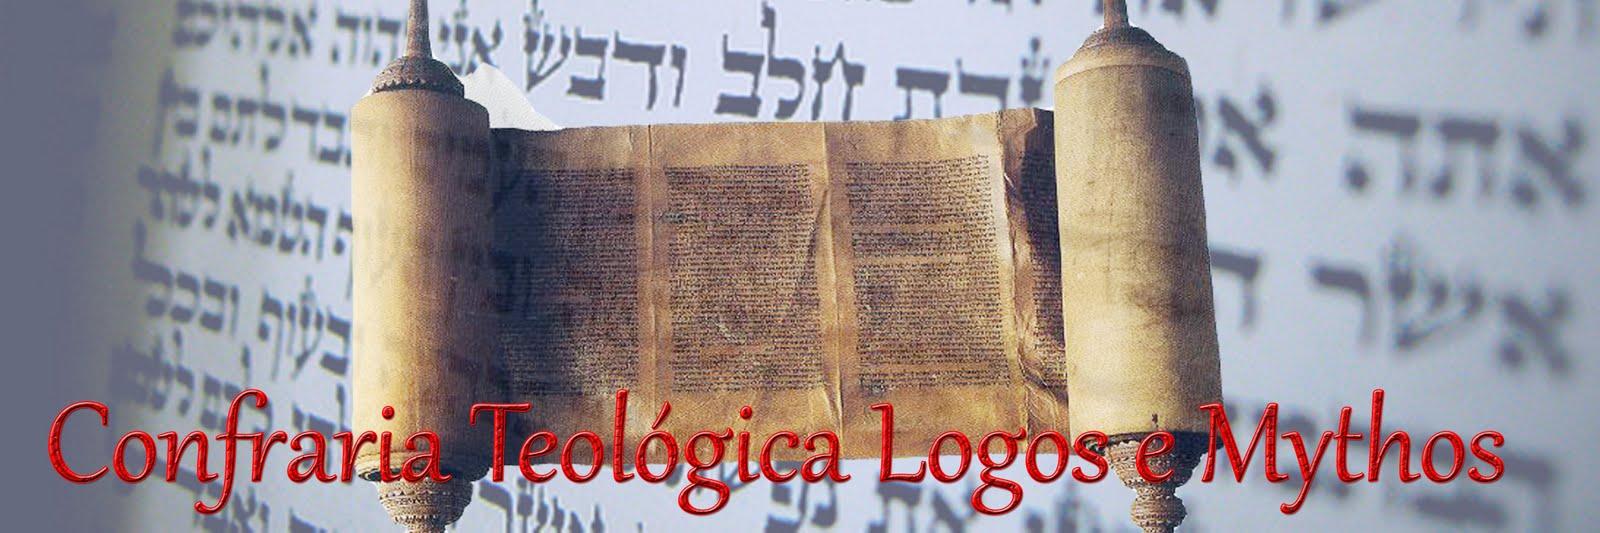 Confraria Teológica Logos e Mythos